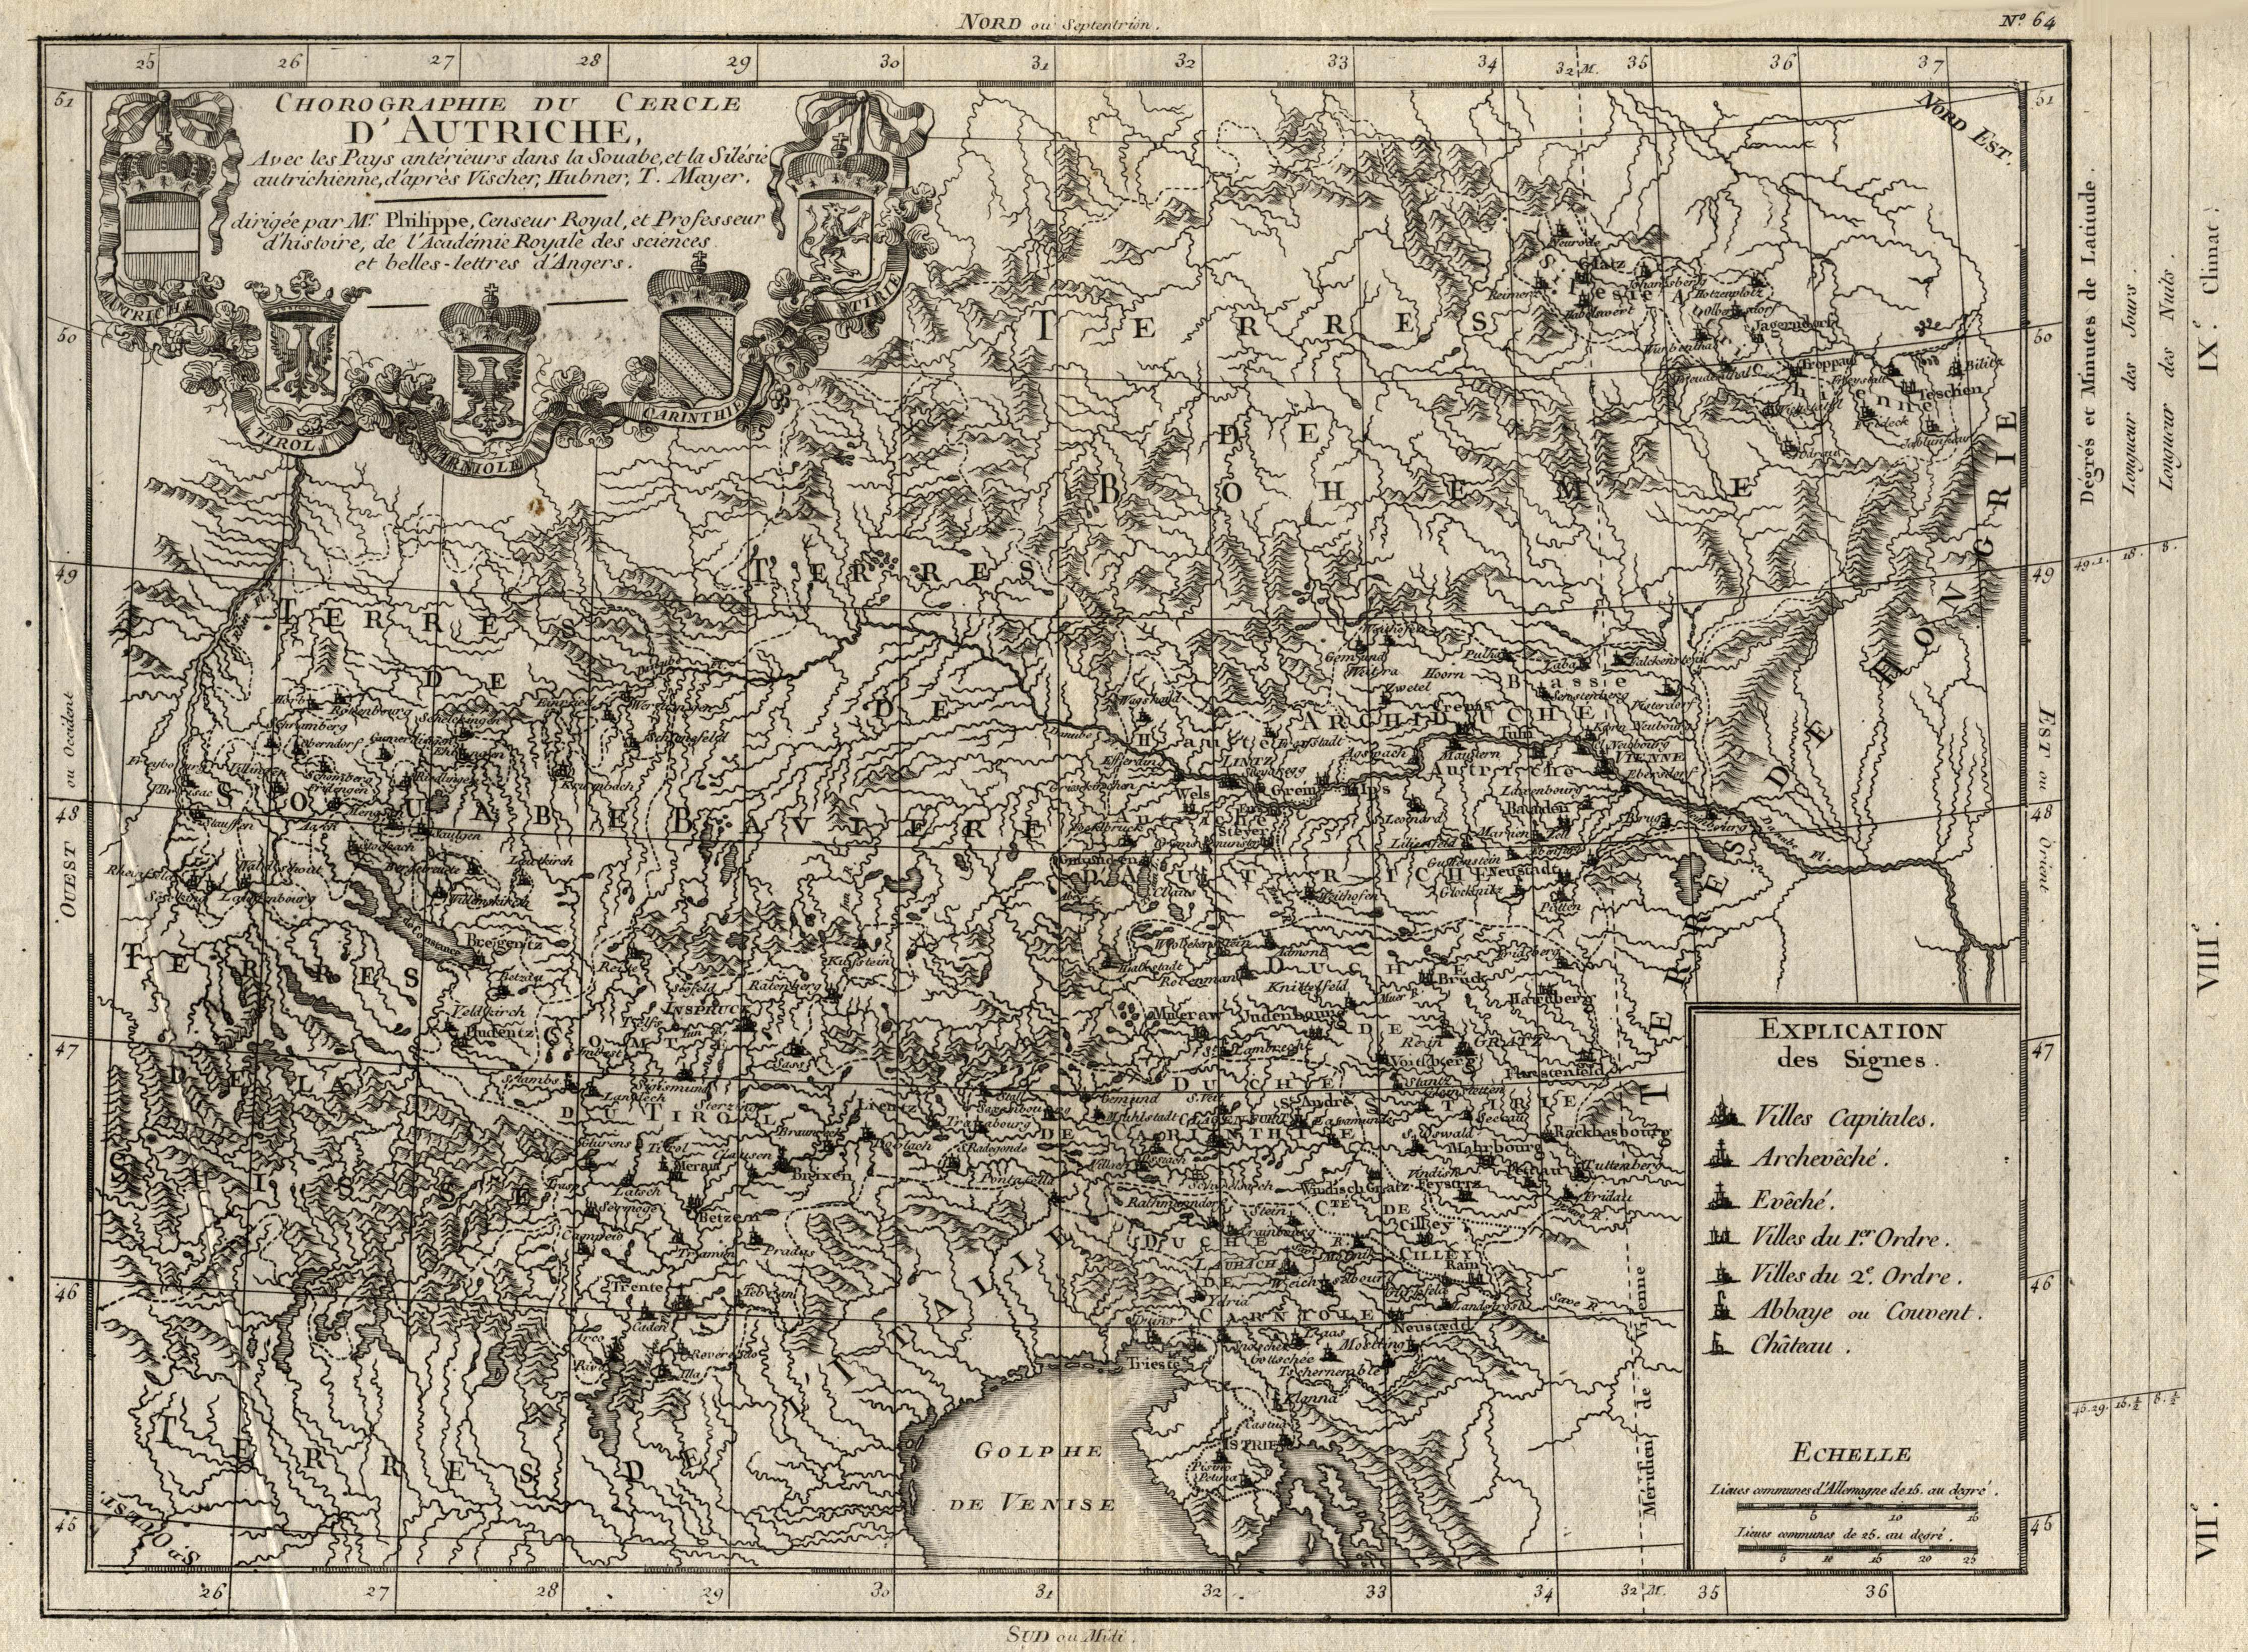 Kst.- Karte, n. Vischer, Hubner u. Mayer,: Österreichischer Kreis: